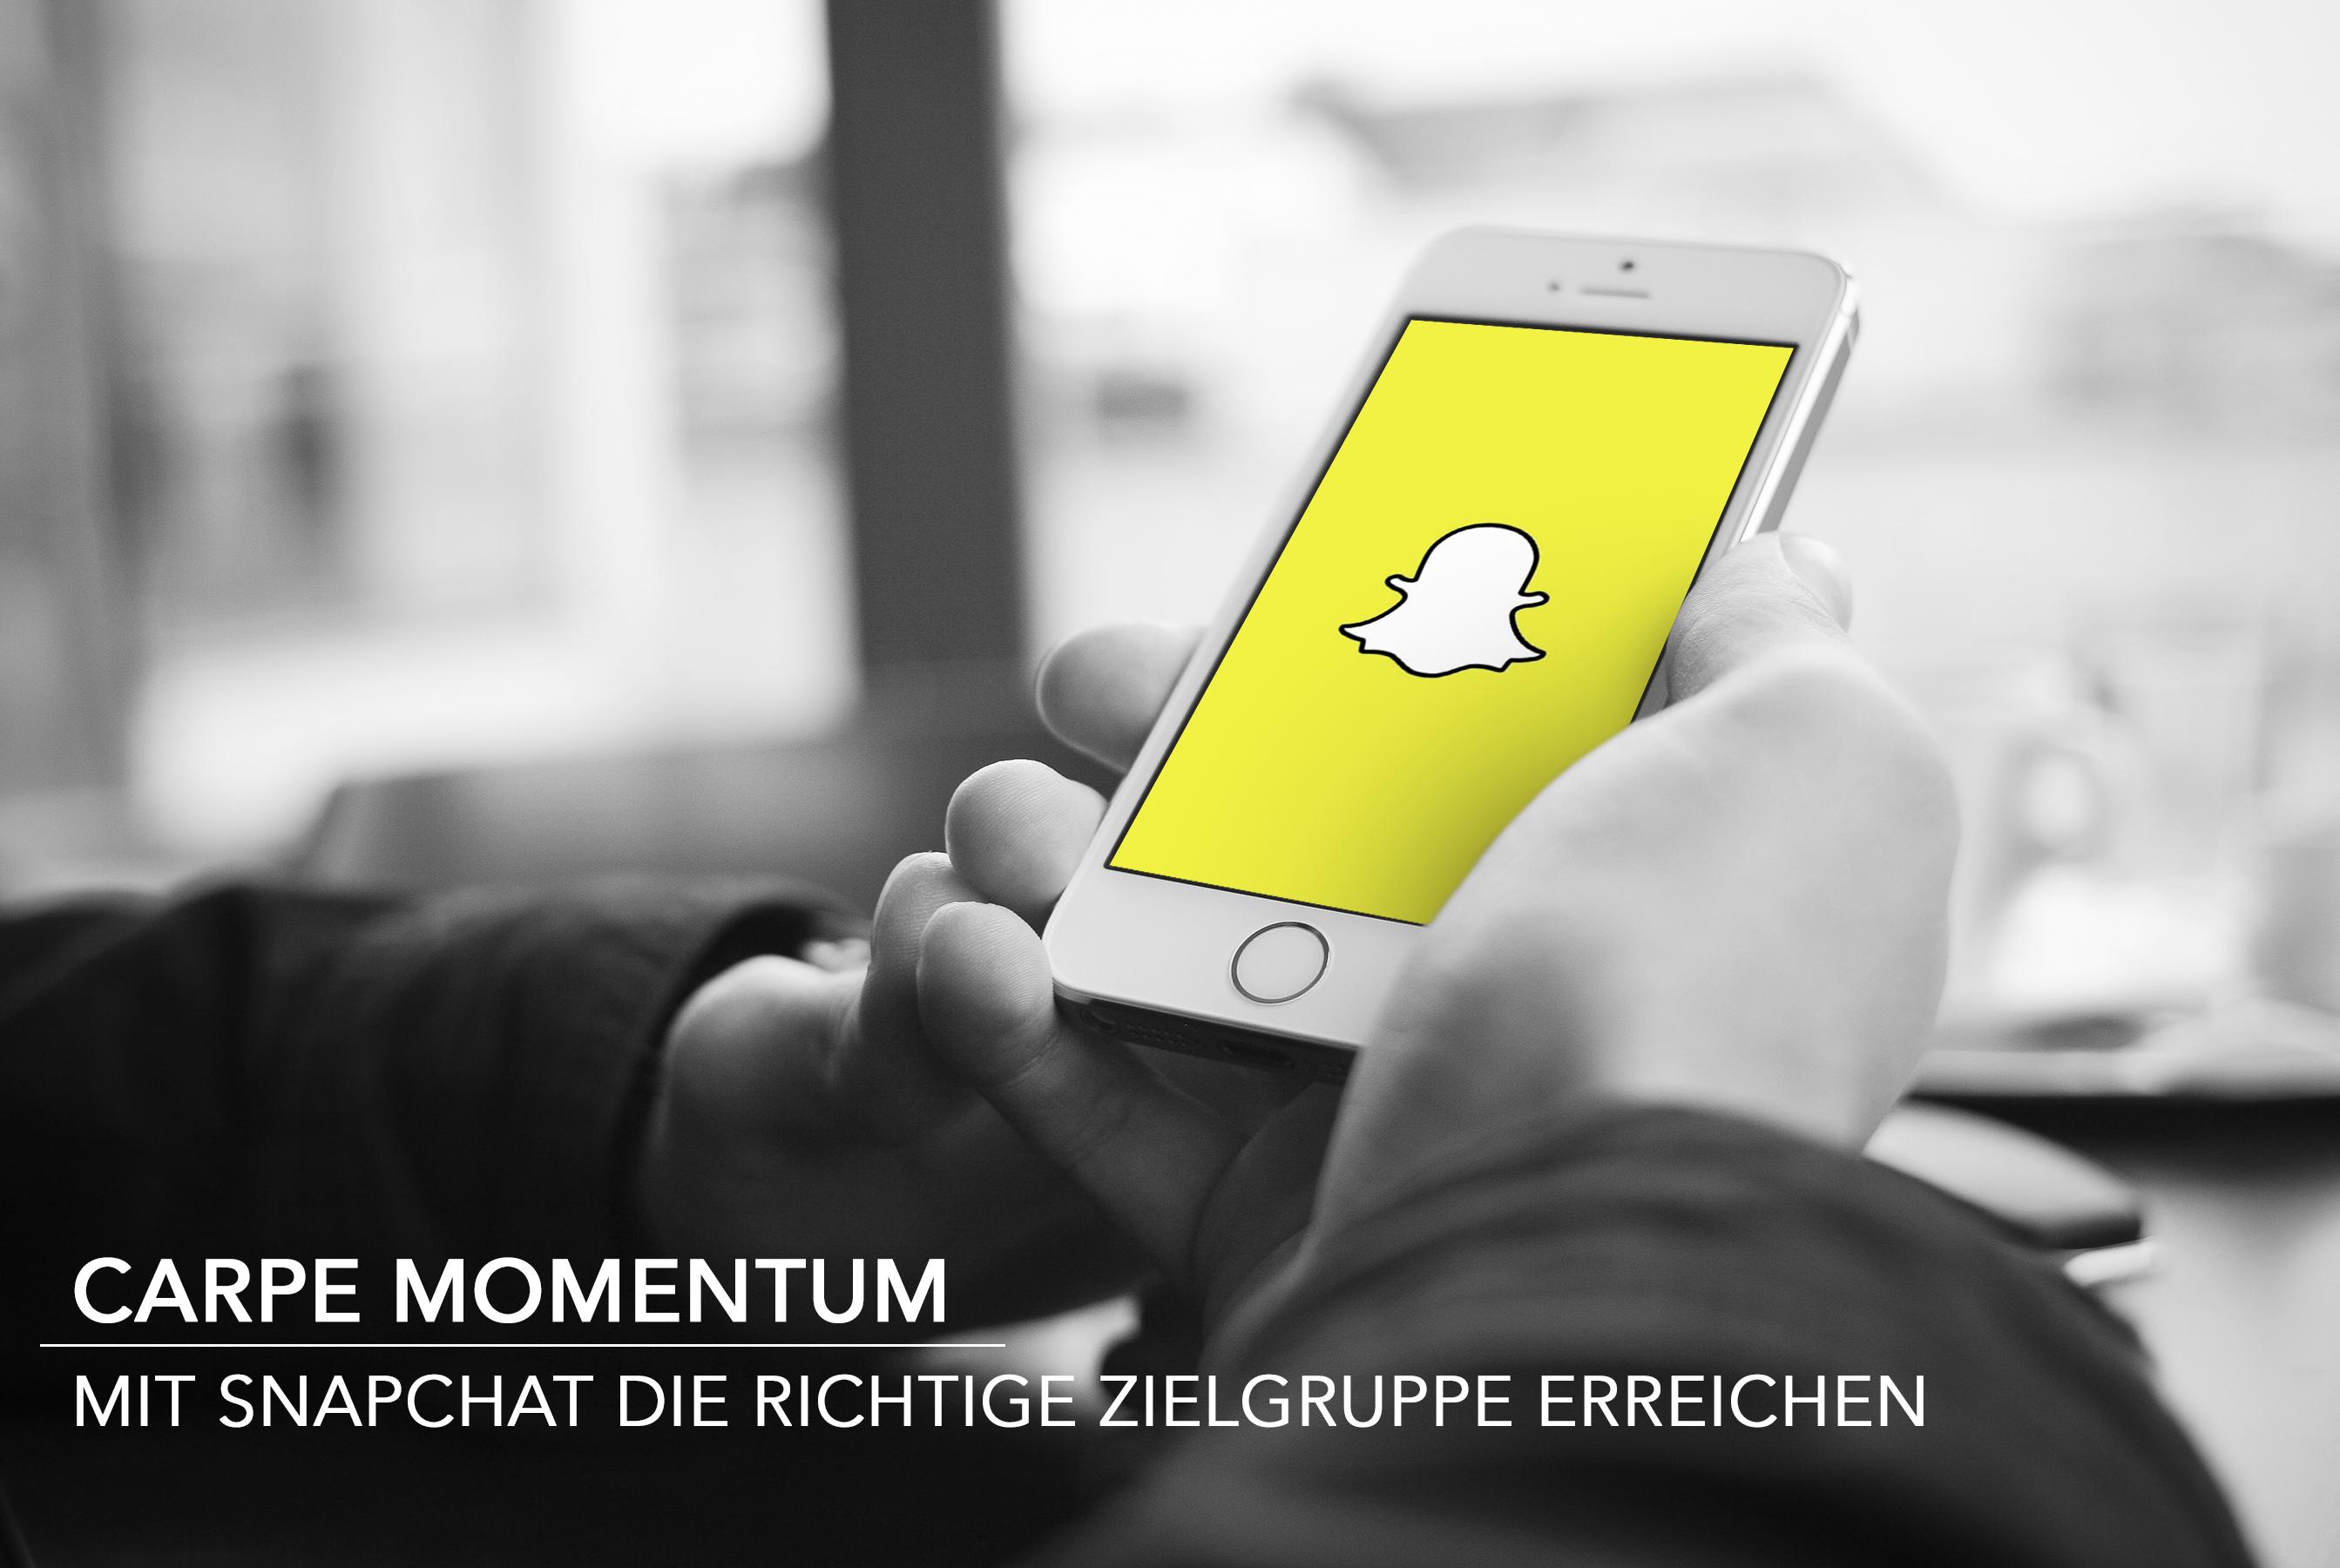 Carpe Momentum | Mit Snapchat die richtige Zielgruppe erreichen